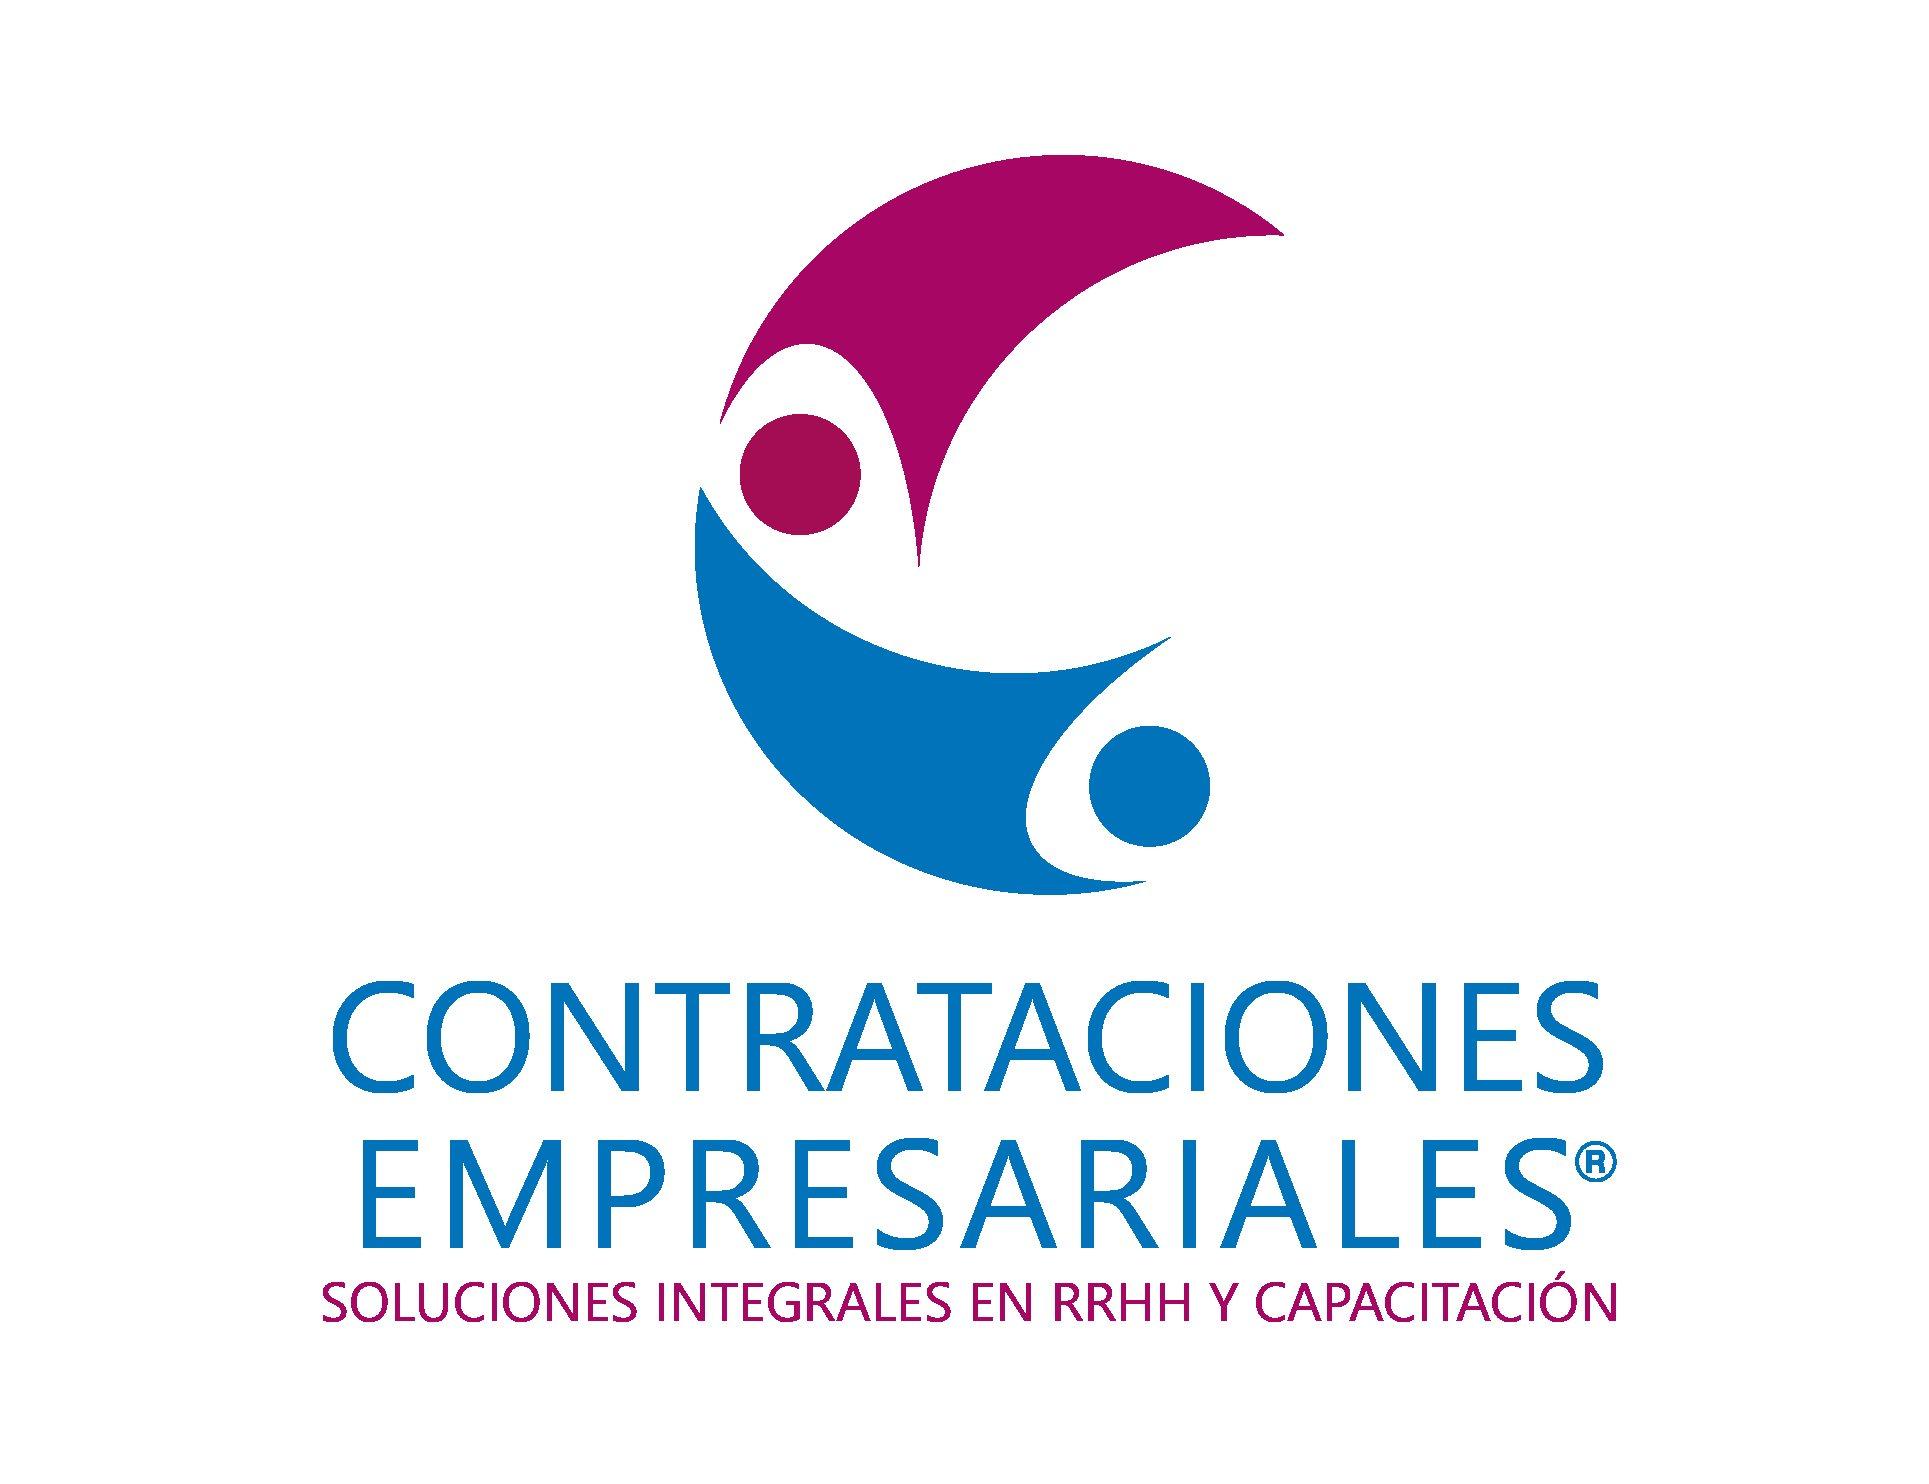 Contrataciones Empresariales,S.A. de C.V.